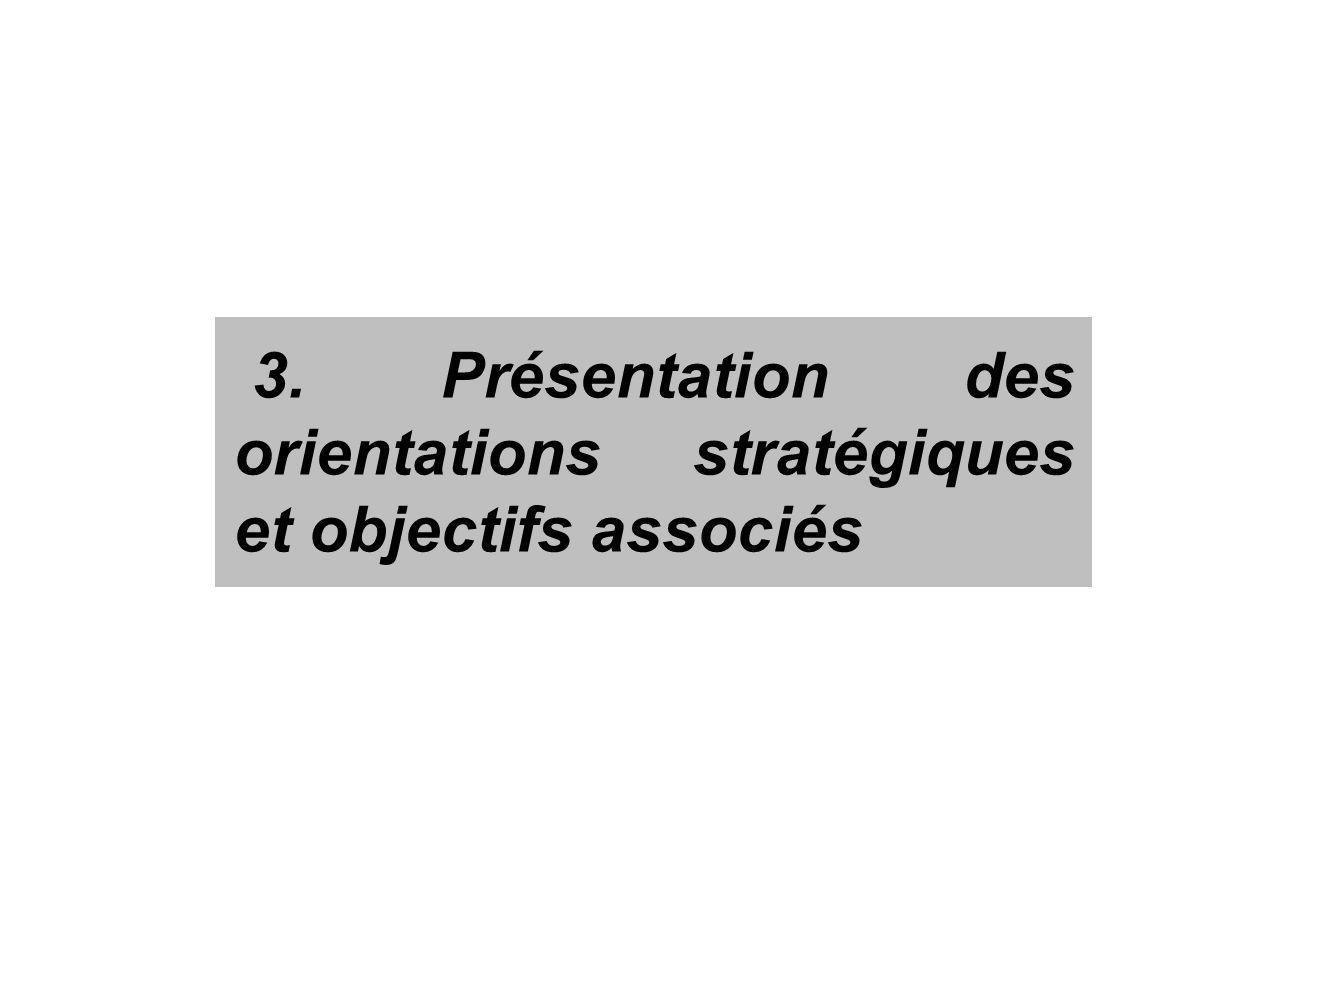 3. Présentation des orientations stratégiques et objectifs associés